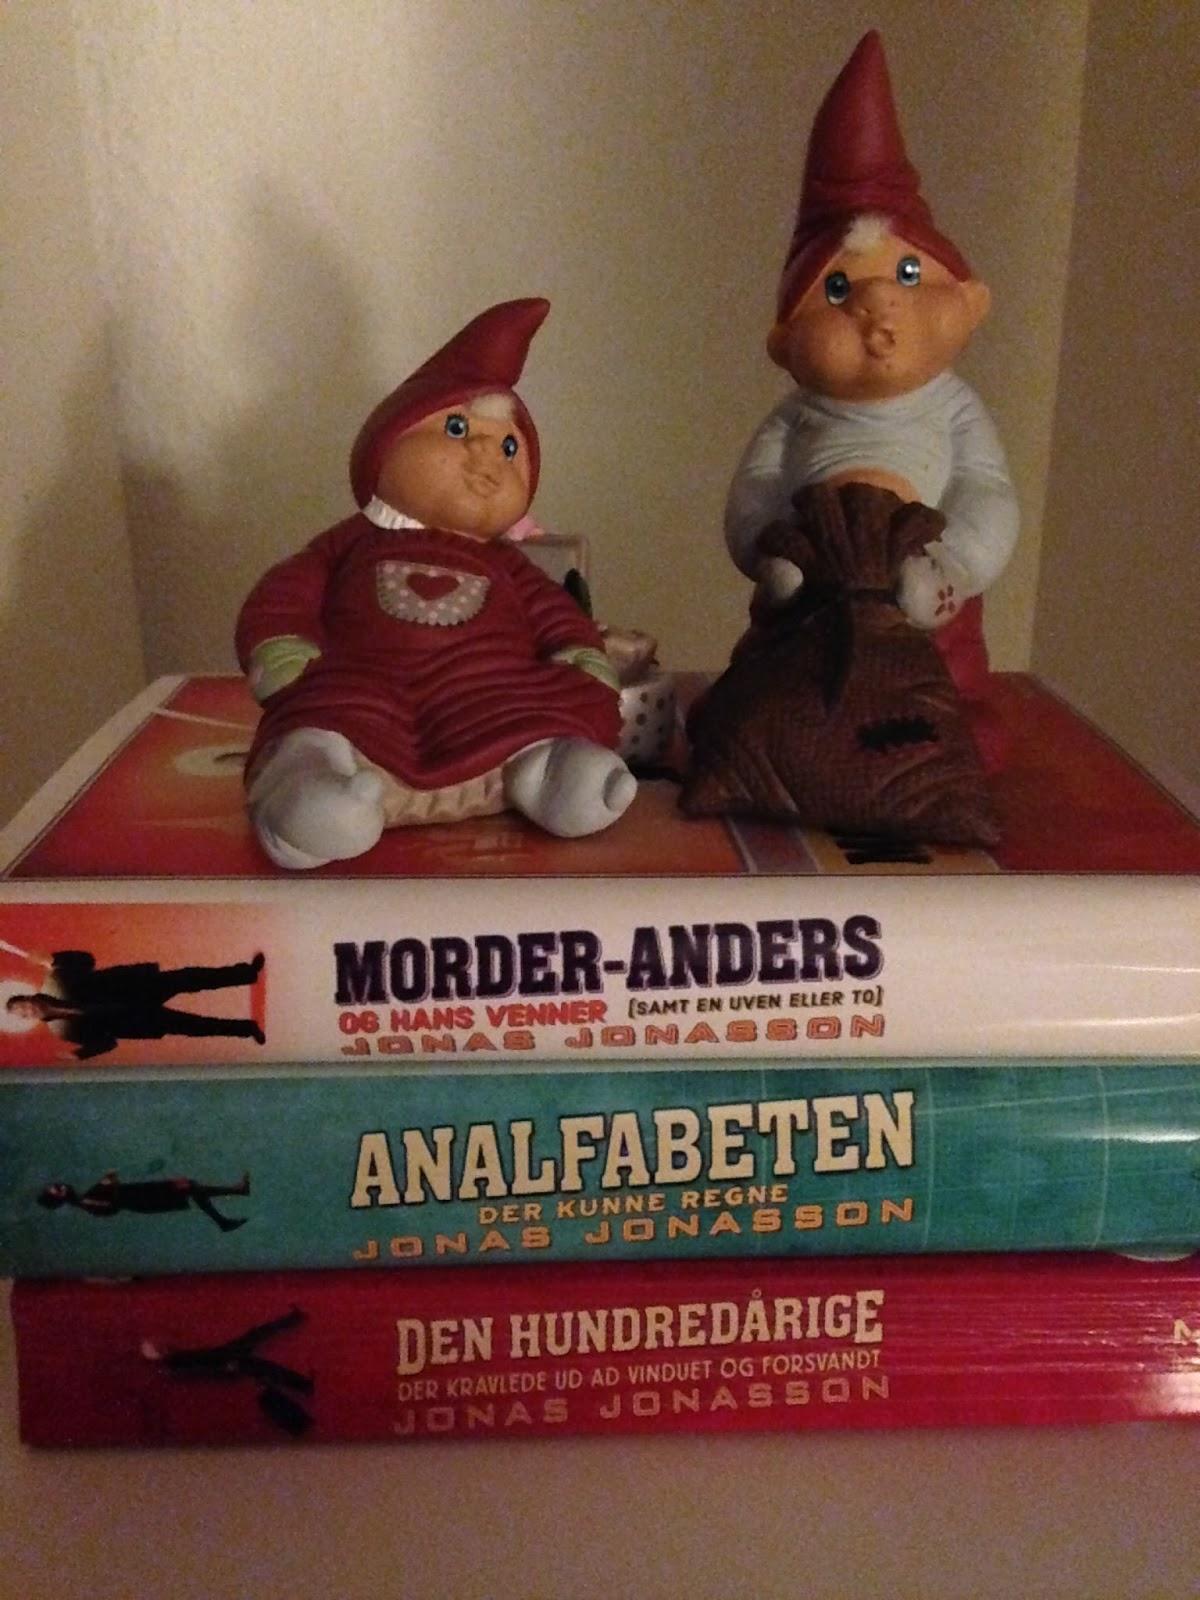 Livet i dukkehuset :): Morder-Anders og hans venner (samt en uven eller to) Af Jonas Jonasson